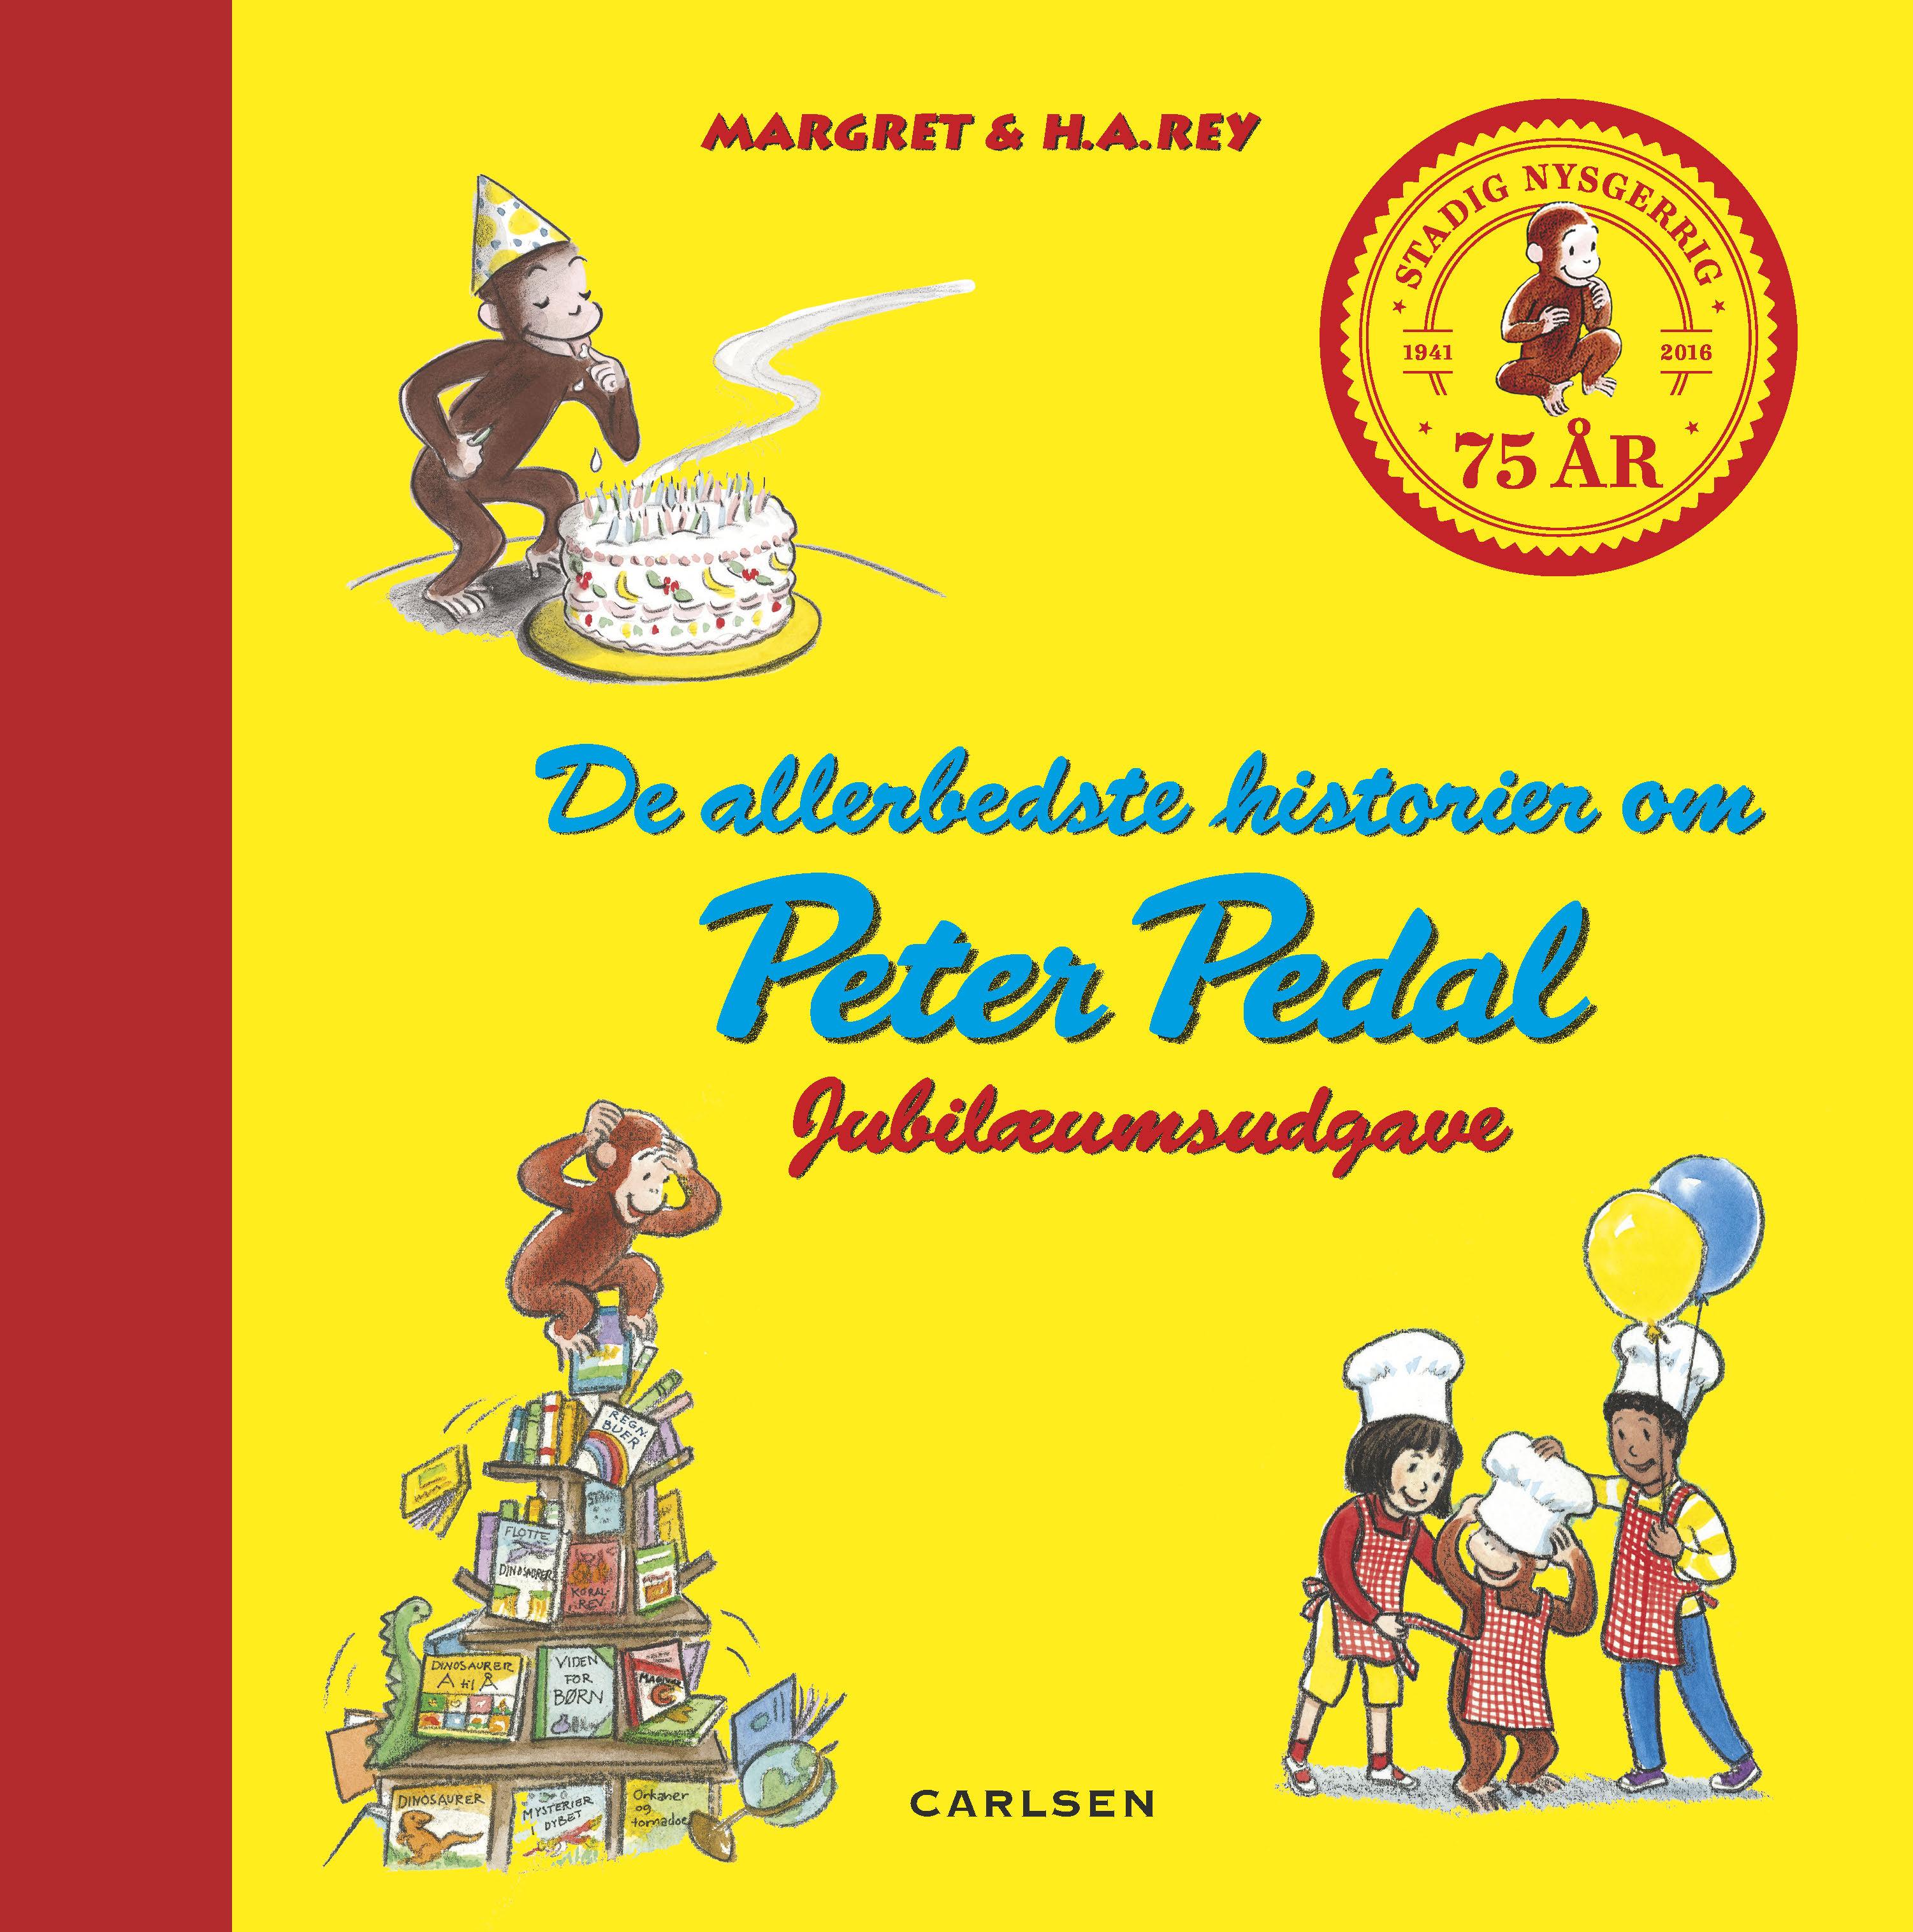 Carlsen de allerbedste historier med peter pedal, 2 stk. på lager fra Carlsen på pixizoo